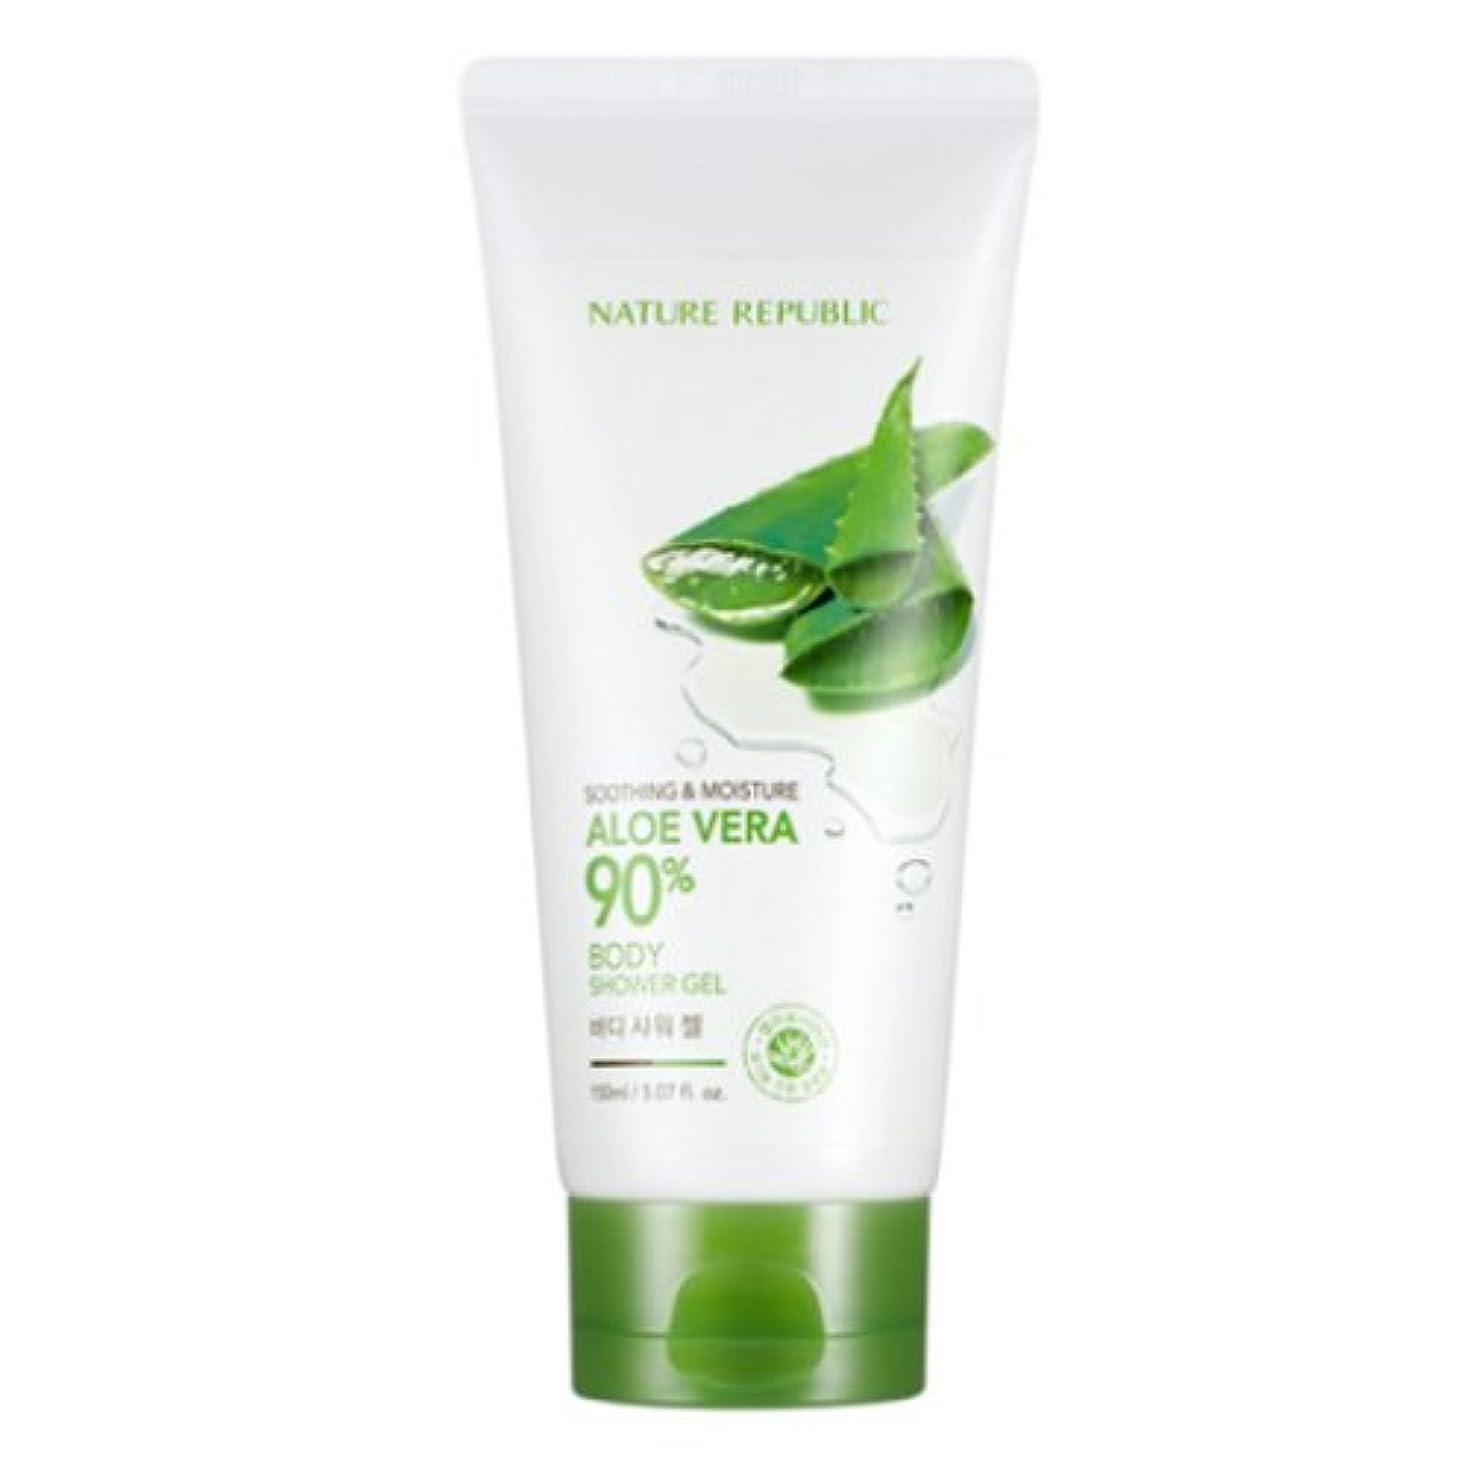 毎週グラマー確かに[ネイチャーリパブリック] Nature republicスージングアンドモイスチャーアロエベラ90%ボディシャワージェル海外直送品(Soothing And Moisture Aloe Vera90%Body Shower...